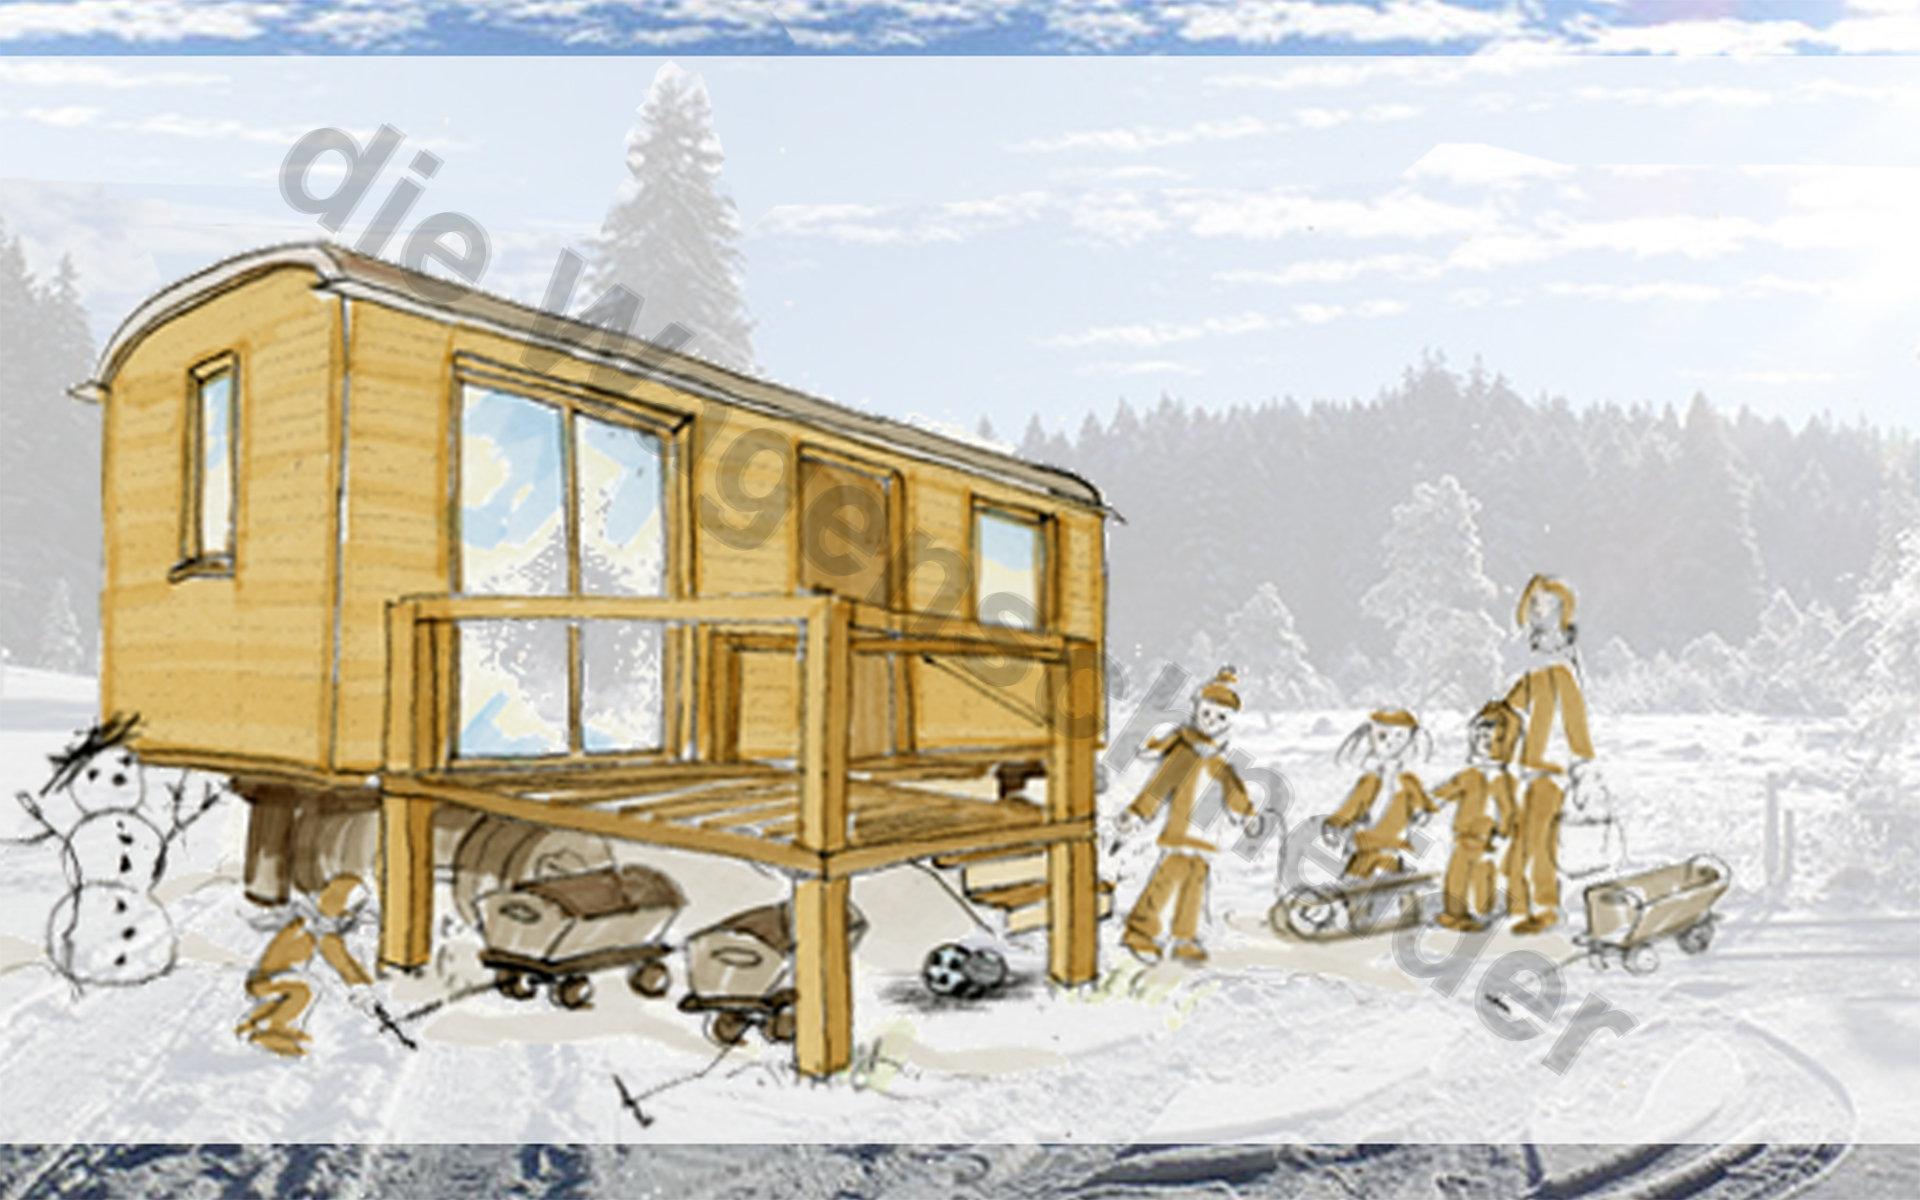 zu einem waldkindergarten geh rt der wagen einfach dazu auch im winter die wagenschneider. Black Bedroom Furniture Sets. Home Design Ideas